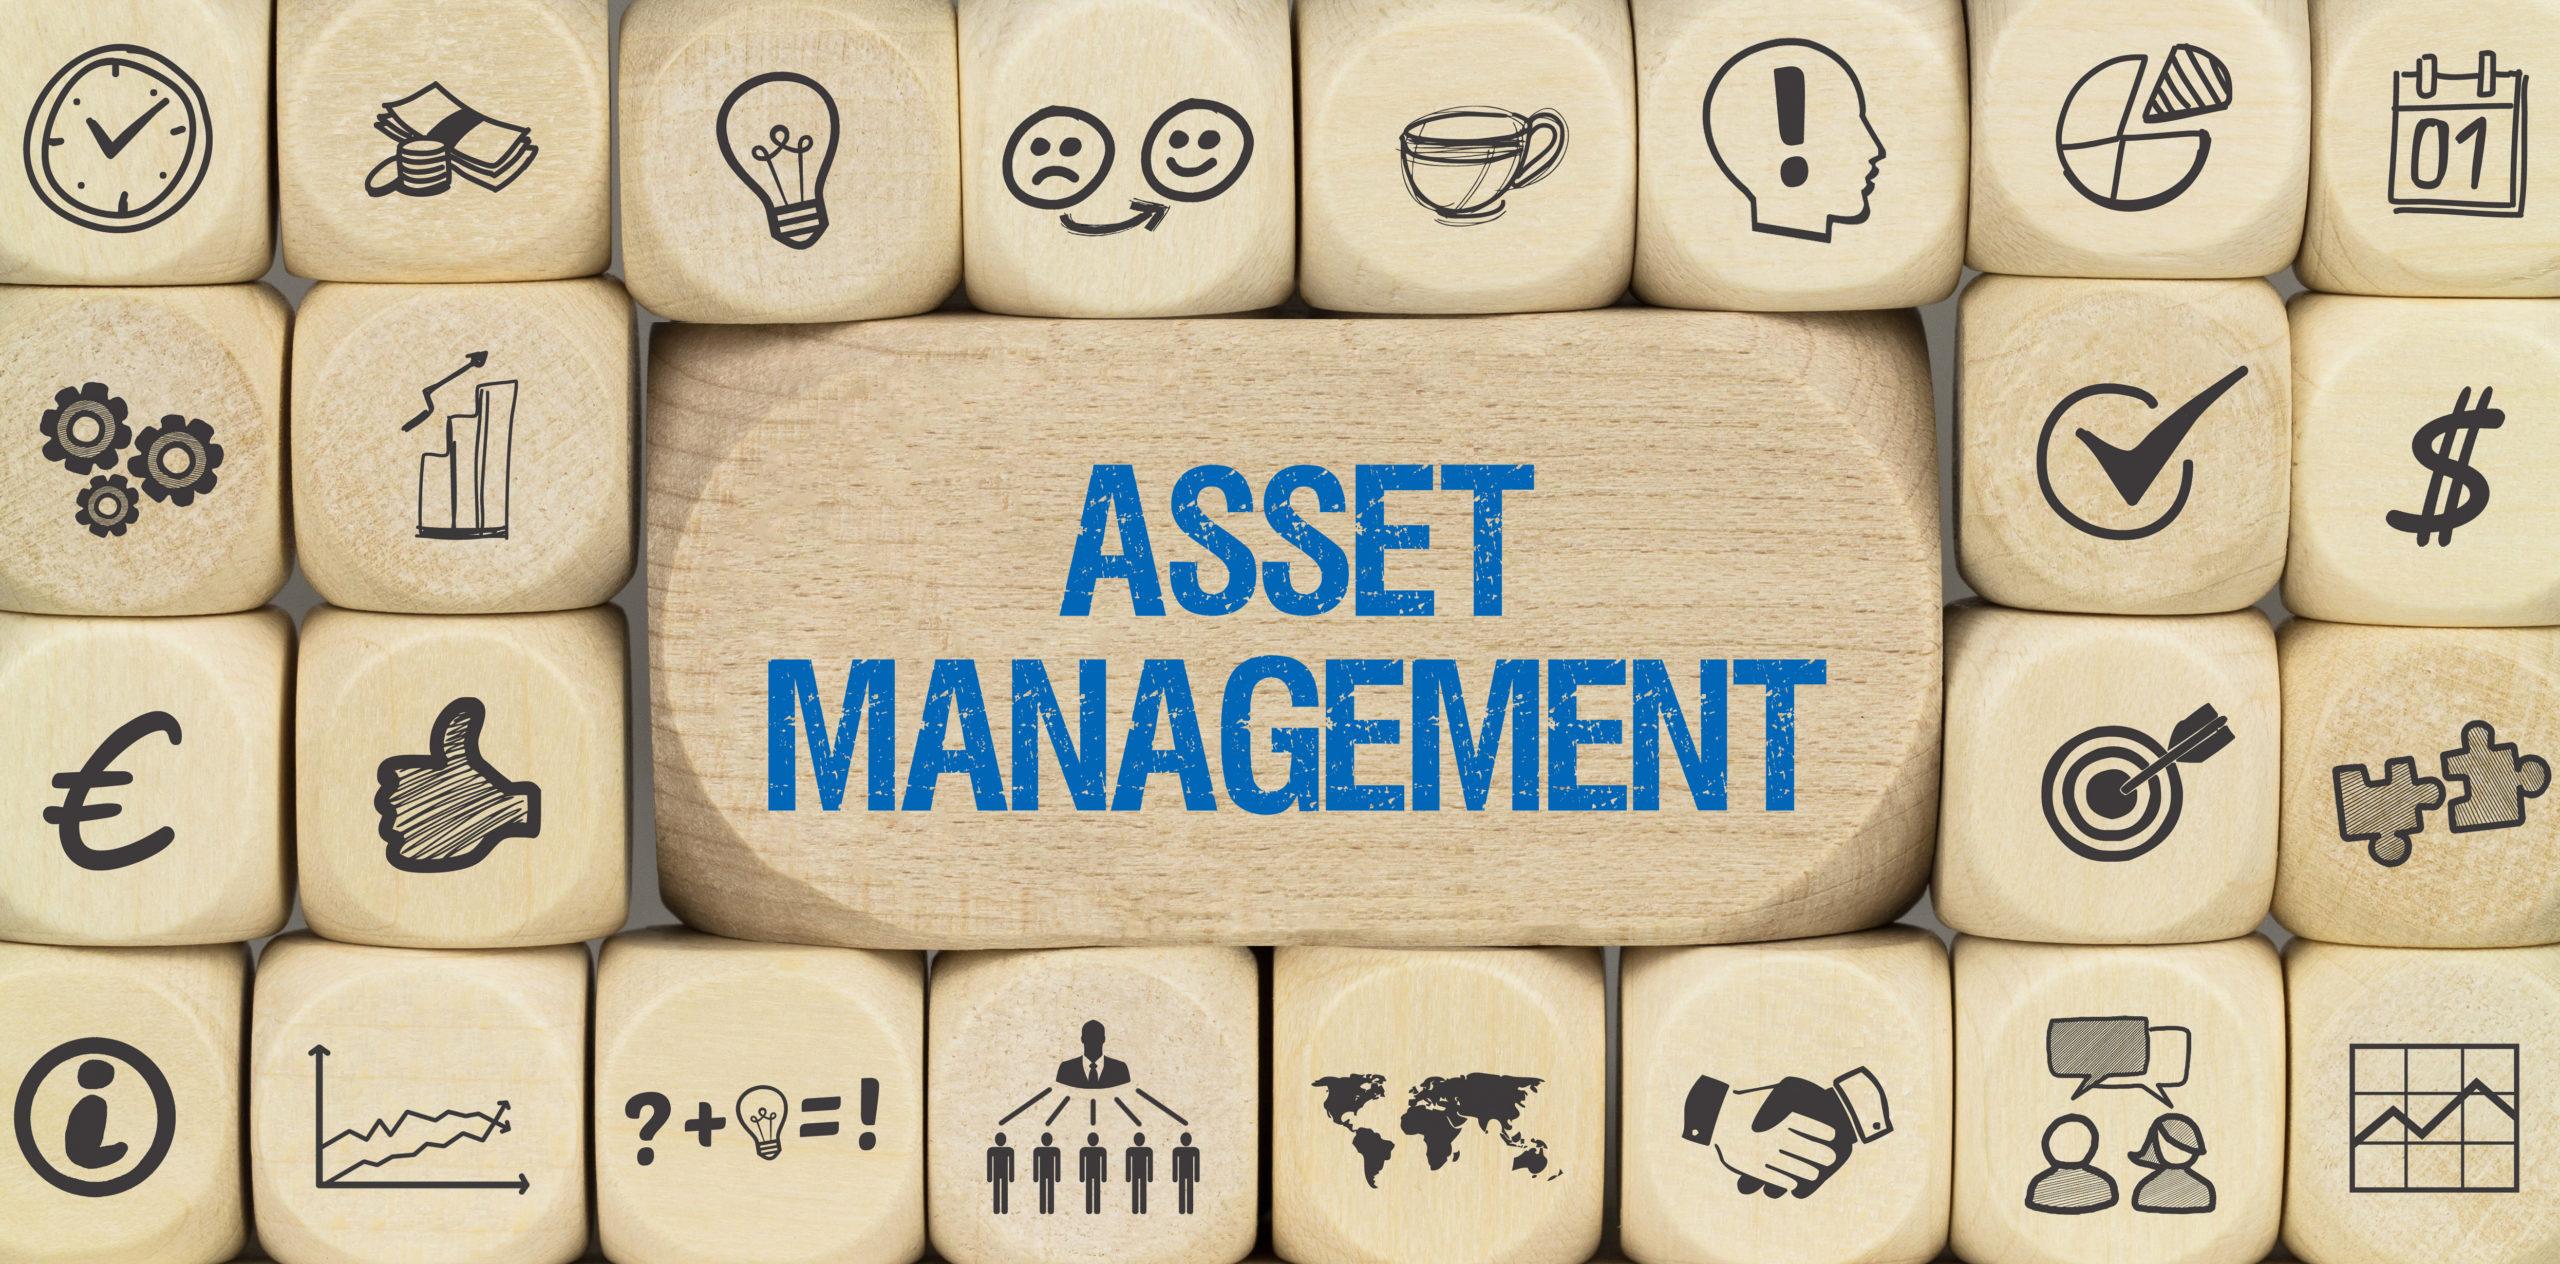 Viele kleine Holzwürfel mit Symbolen auf der Oberfläche verteilt um eine größere Würfel, die das Wort Asset Management trägt